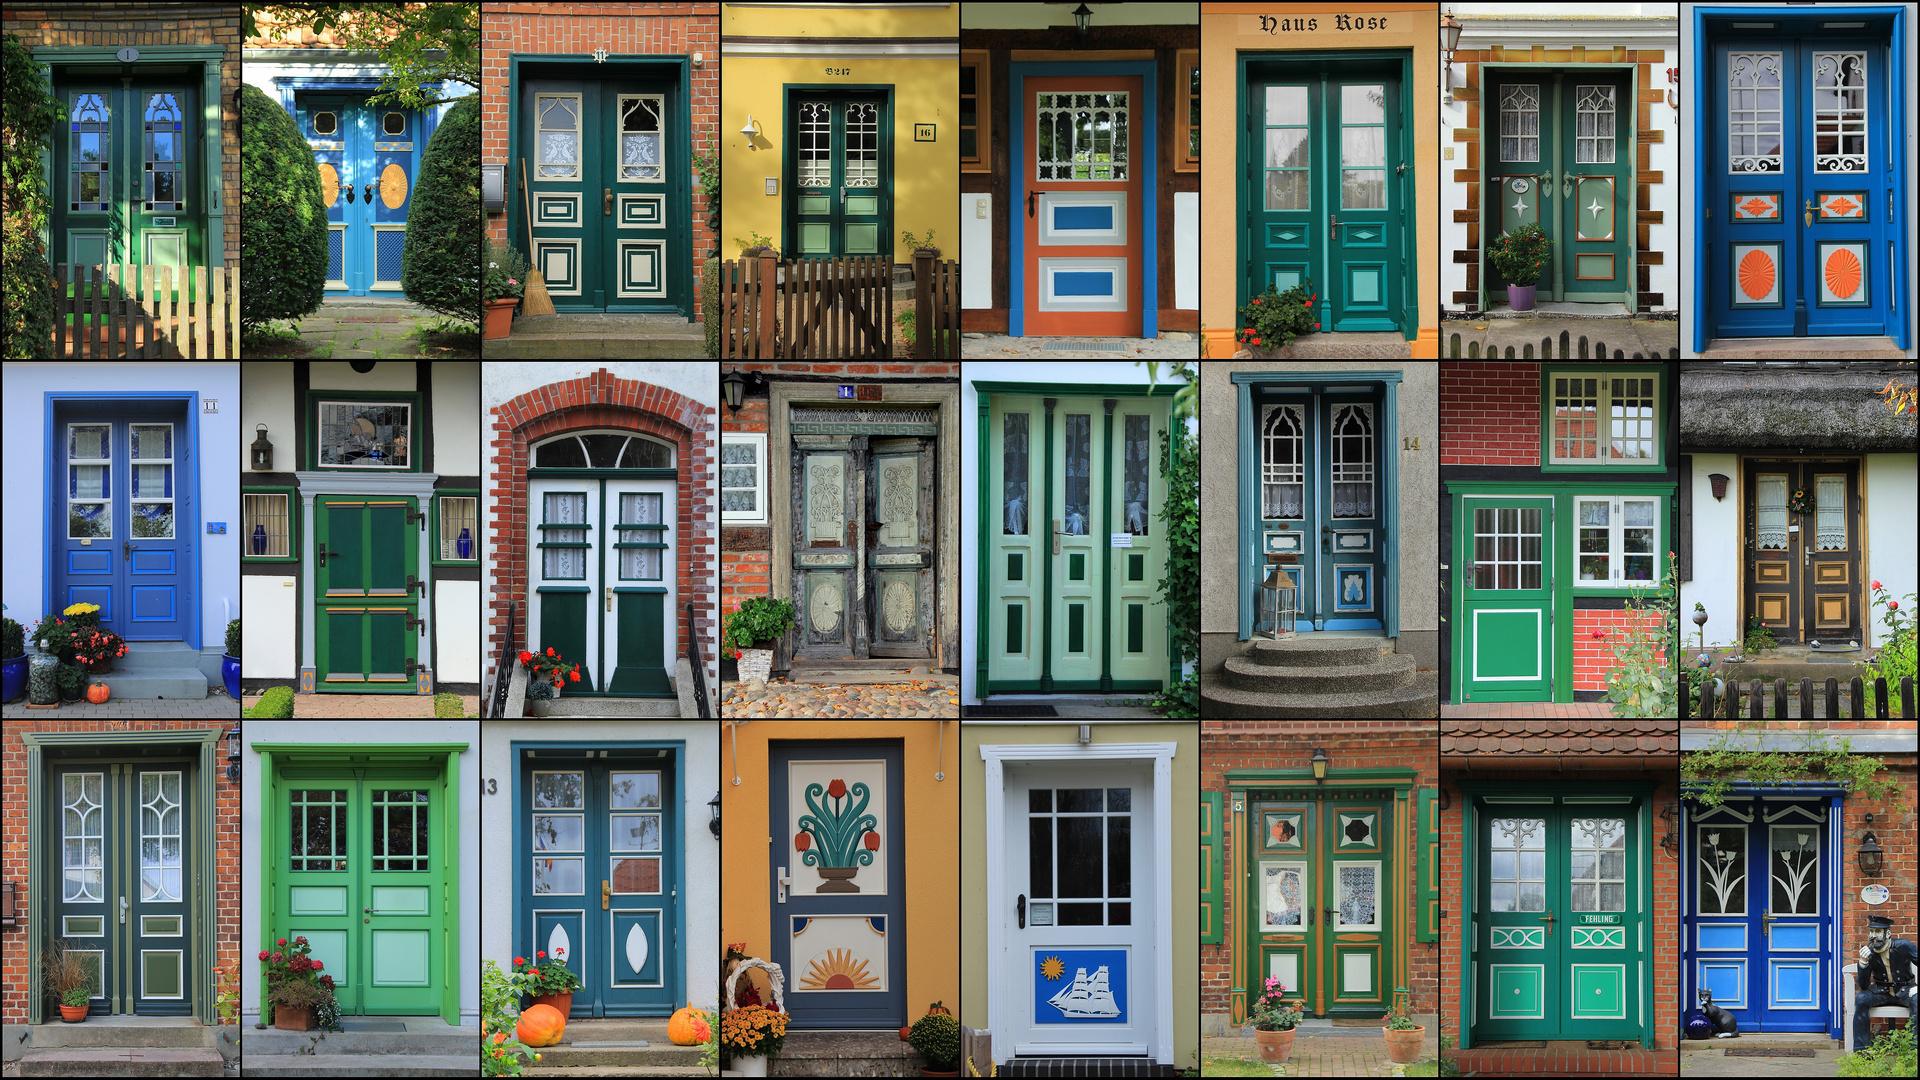 wustrower t ren dar er haust ren ostsee foto bild deutschland europe mecklenburg. Black Bedroom Furniture Sets. Home Design Ideas